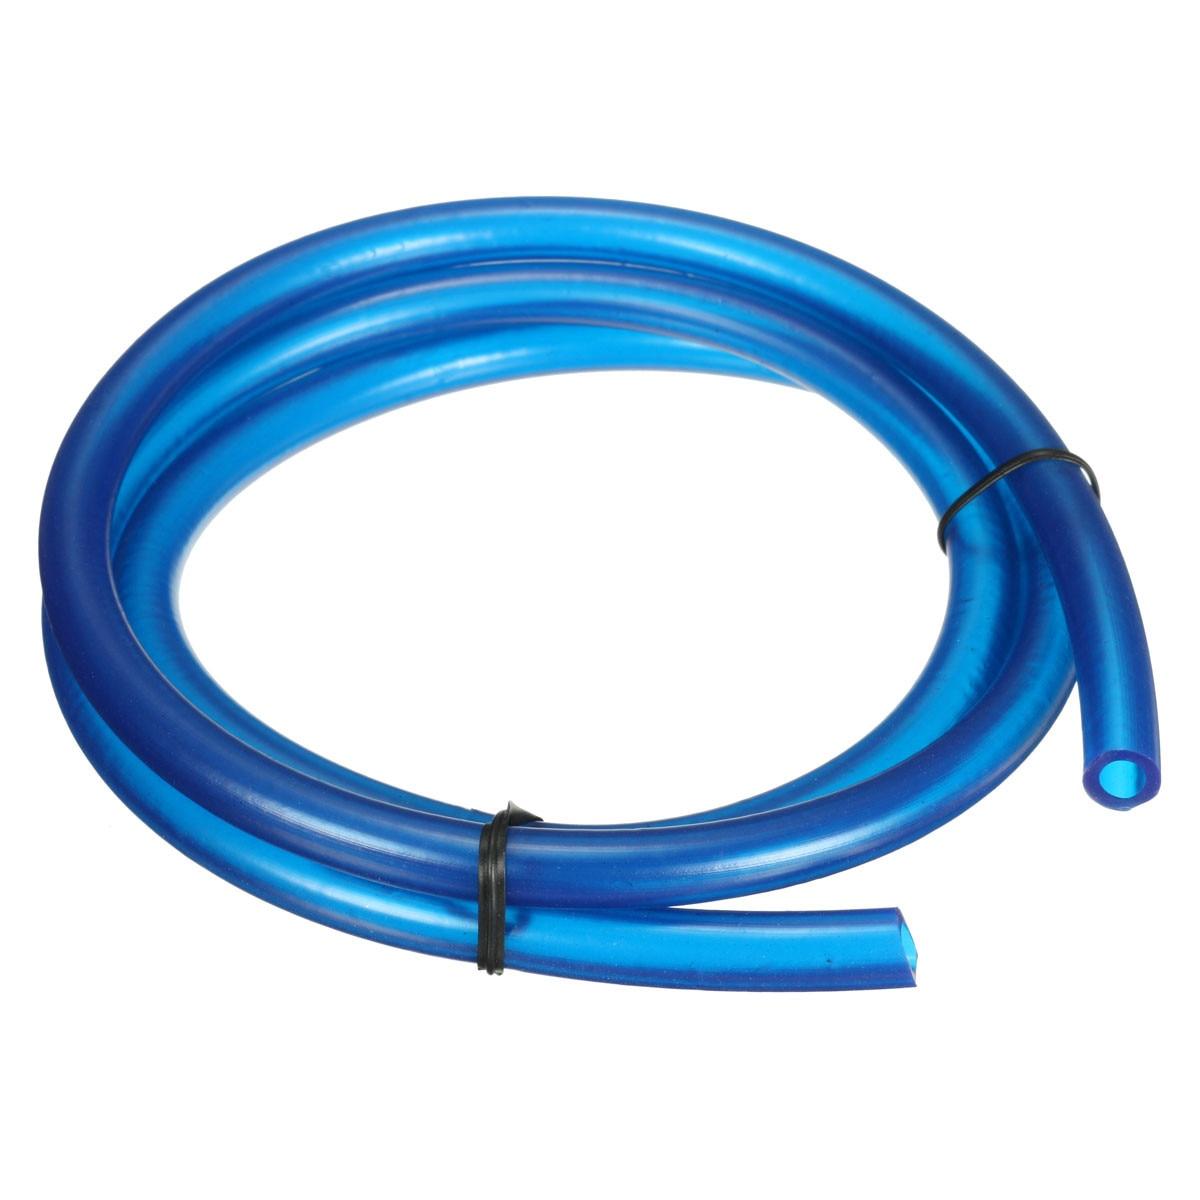 Мотоциклетный шланг, 1 метр, 1 м, шланг для бензиновой топливной линии, шланг для газового масла, труба из нейлона, мягкая, для Мини Мото, грязи, велосипеда, Honda, Suzuki, Yamah - Цвет: Синий